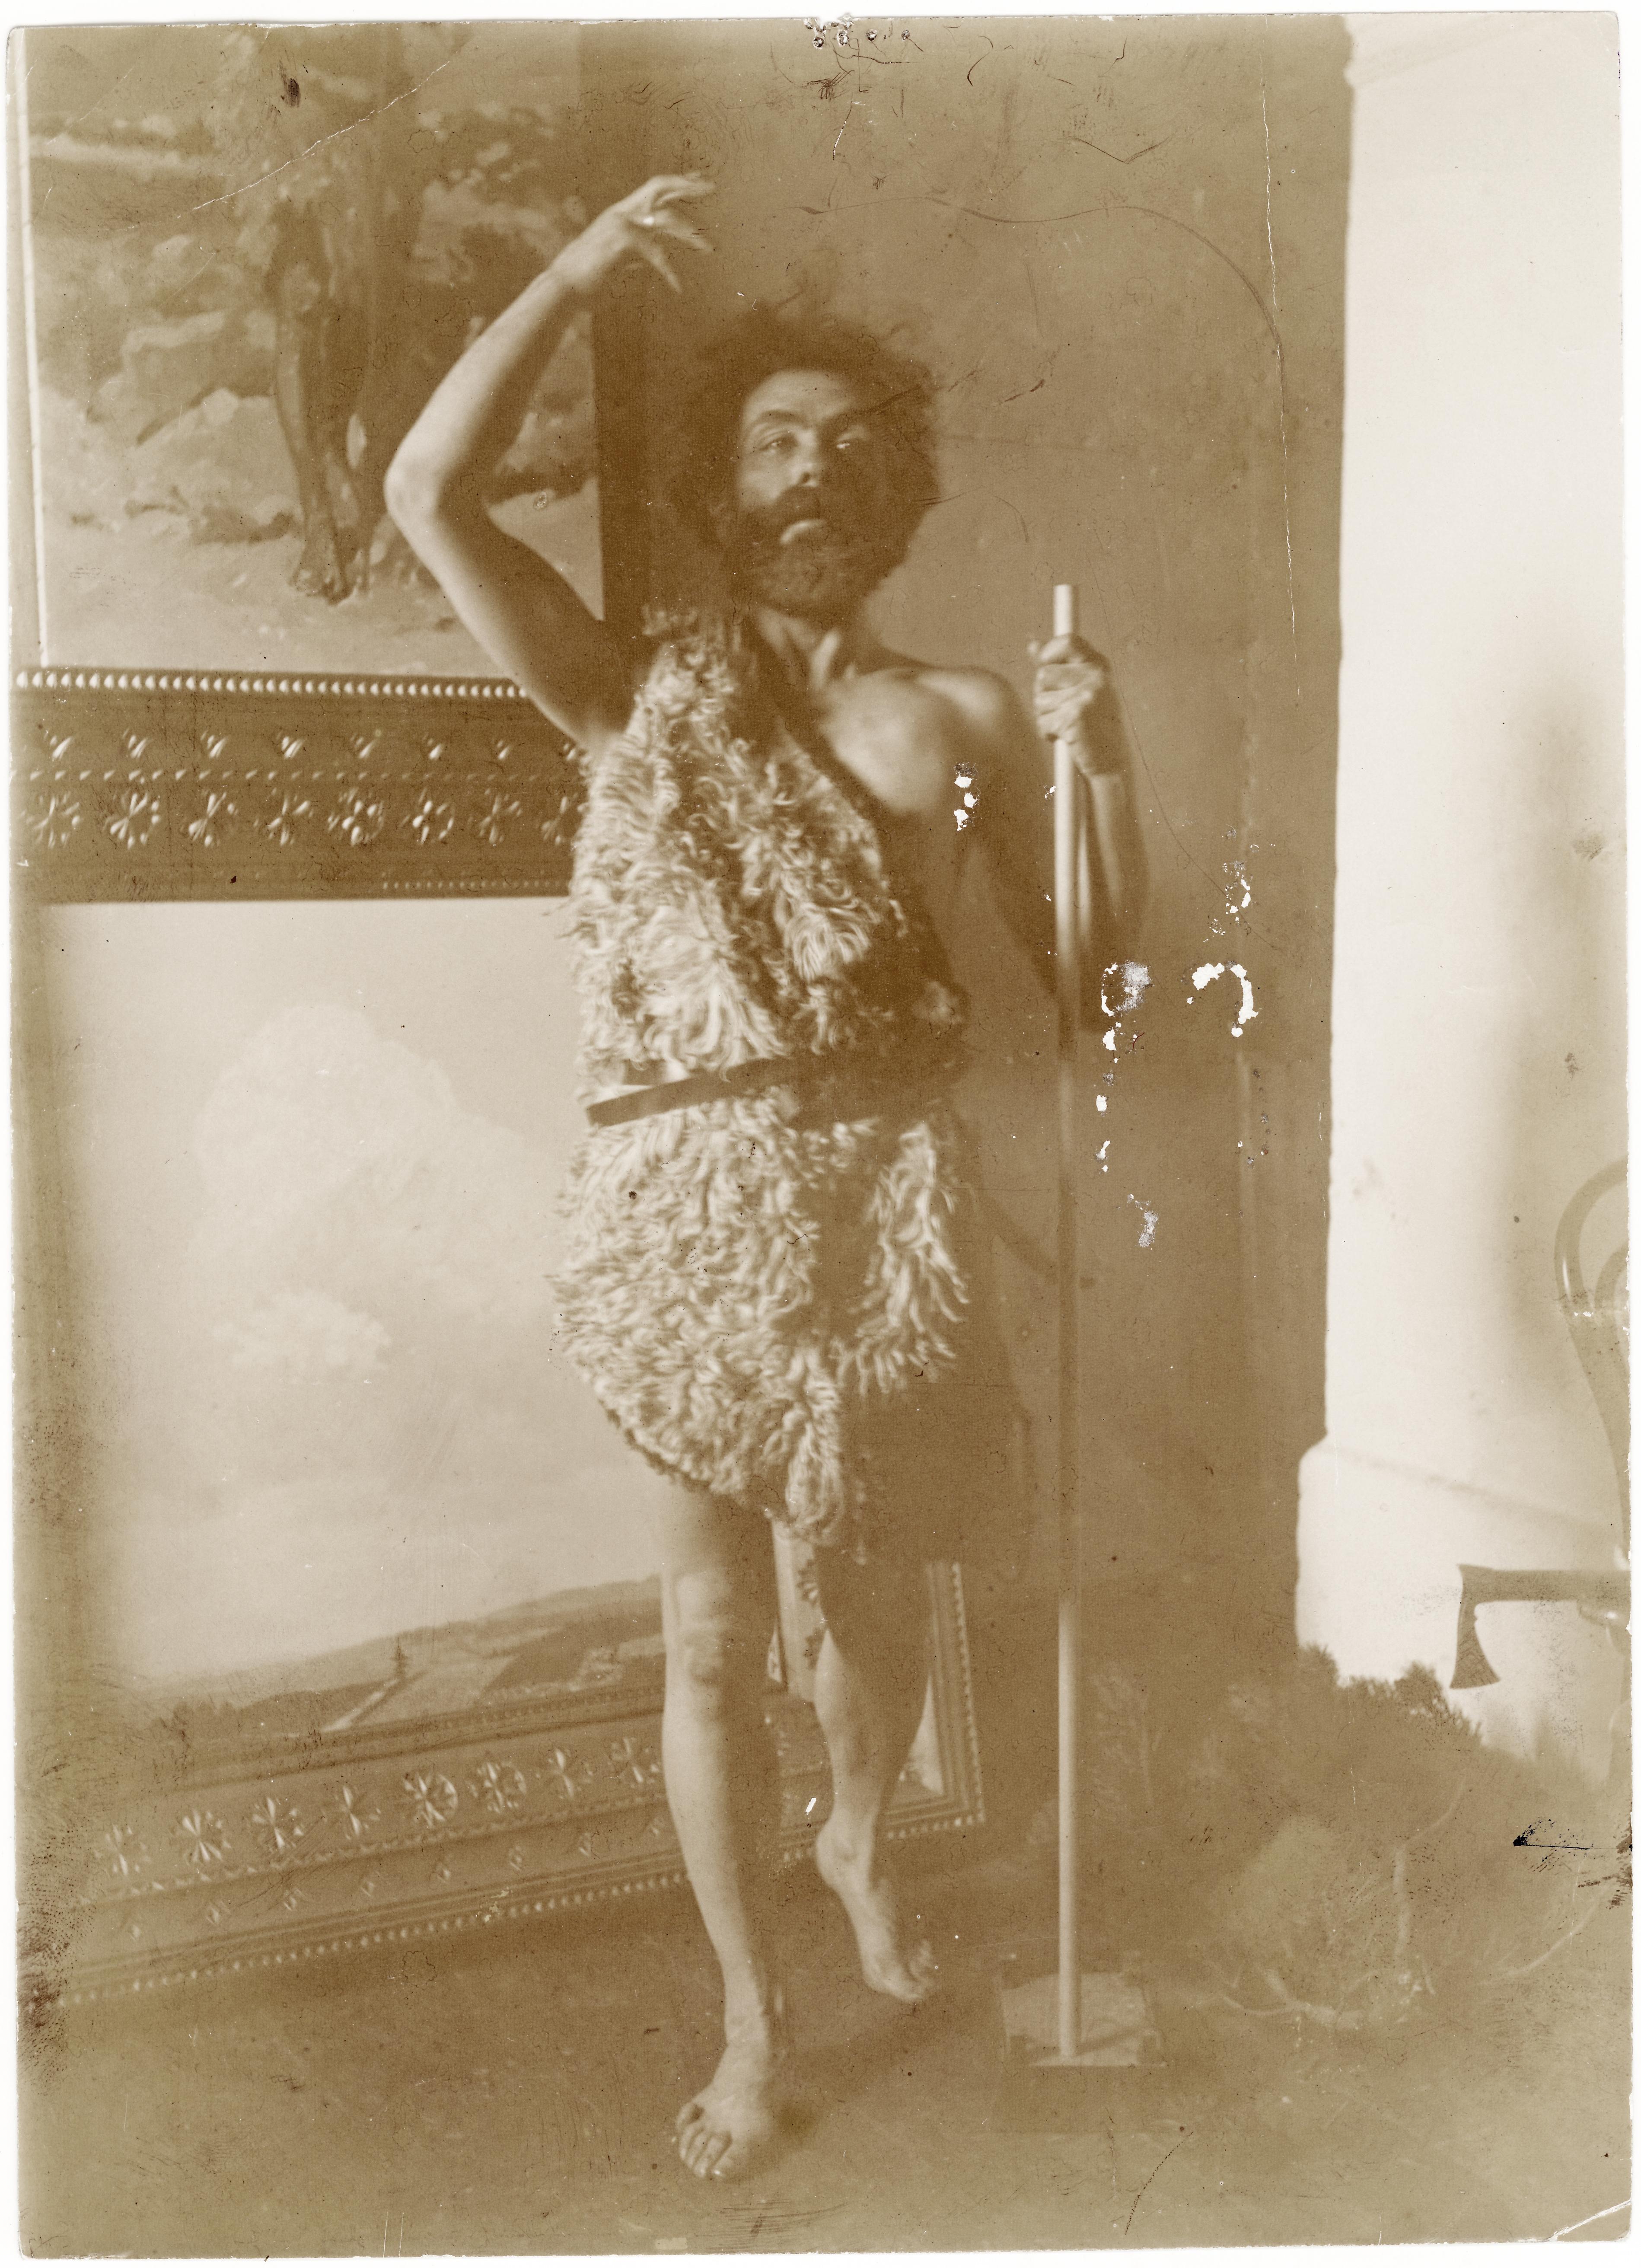 Stanisław Witkiewicz na fotografii pozujący jako Jan Chrzciciel, źródło: Muzeum Tatrzańskie w Zakopanem